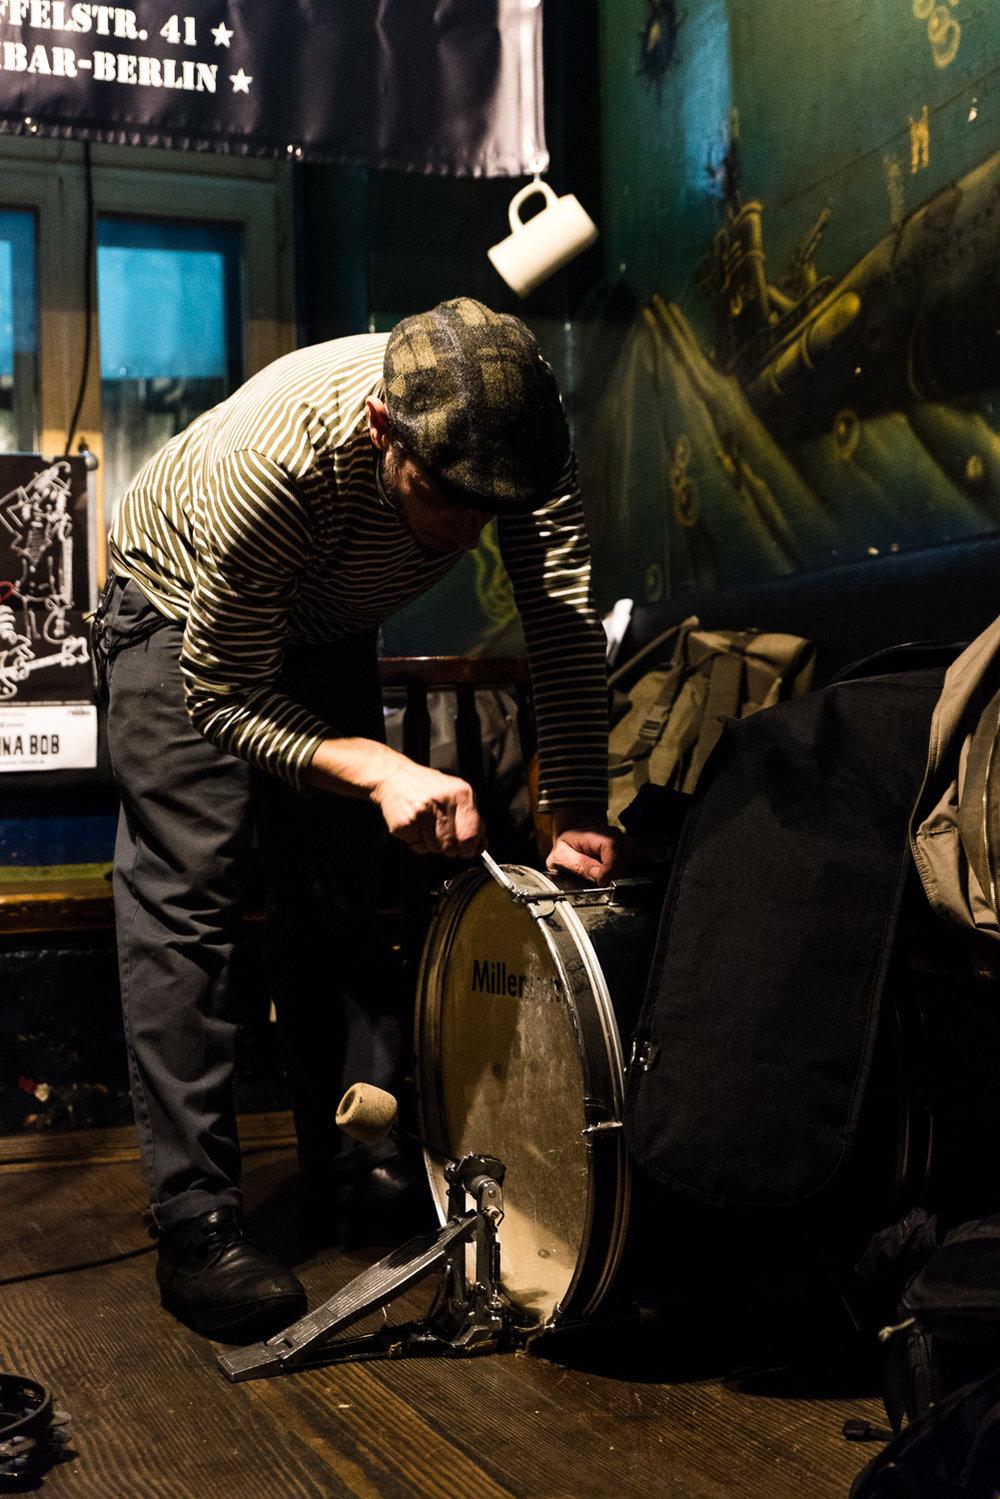 Vic Ruggiero at Milchbar, Berlin_by Philipp Lindenau_www.philipplindenau.com-2.jpg